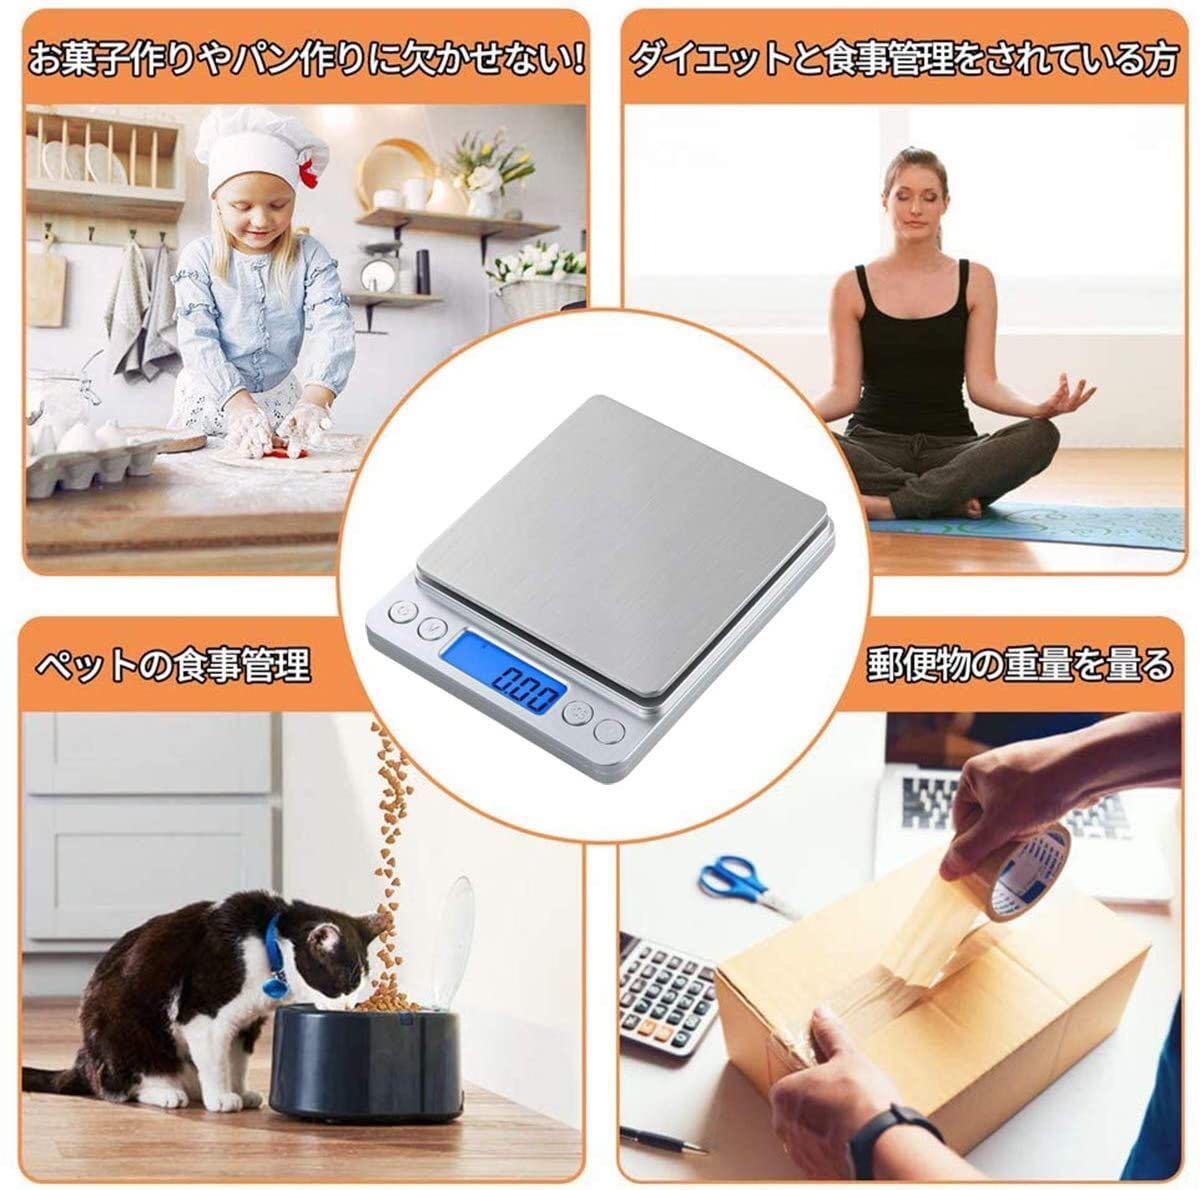 デジタルスケール 乾電池両対応 電子計量器 超小型 高精度センサー